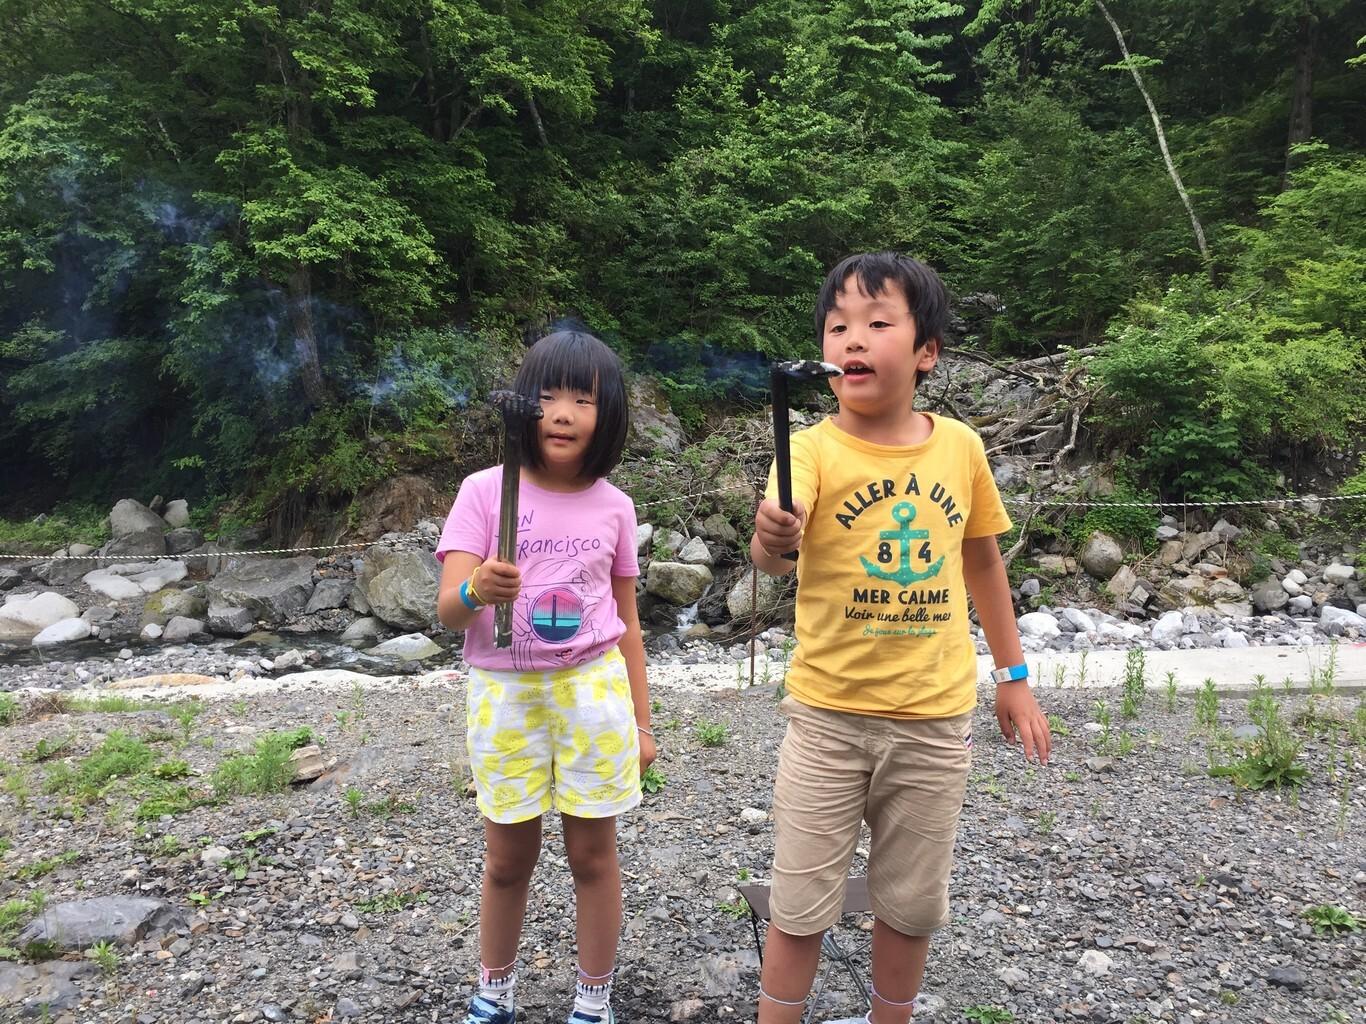 小黒川渓谷キャンプ場 の写真p7736